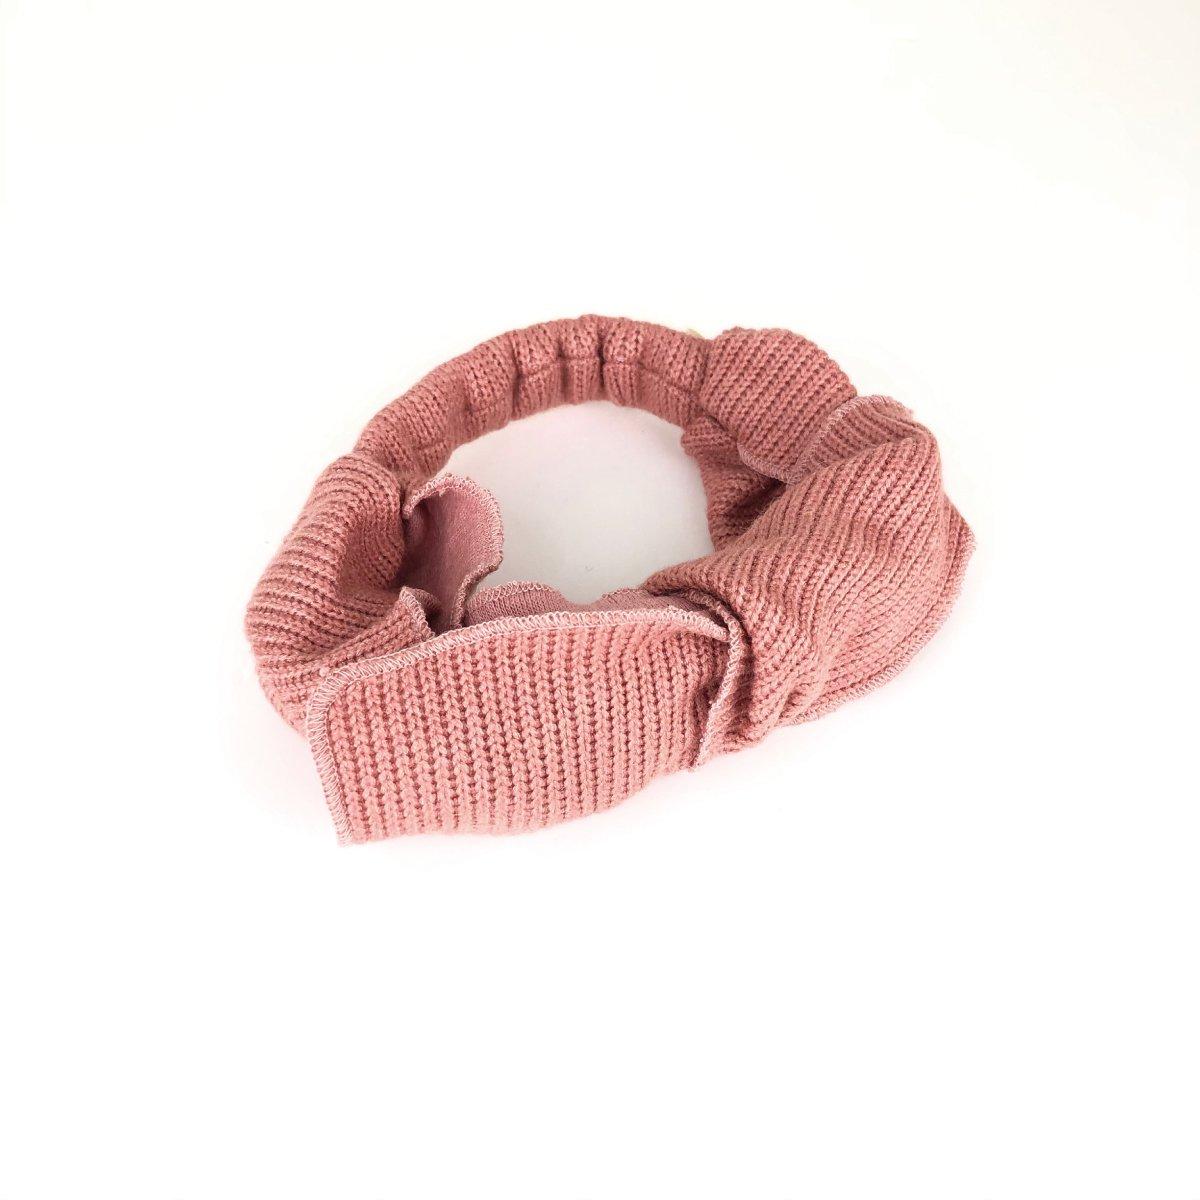 【BABY】Baby Knit Turban 詳細画像3